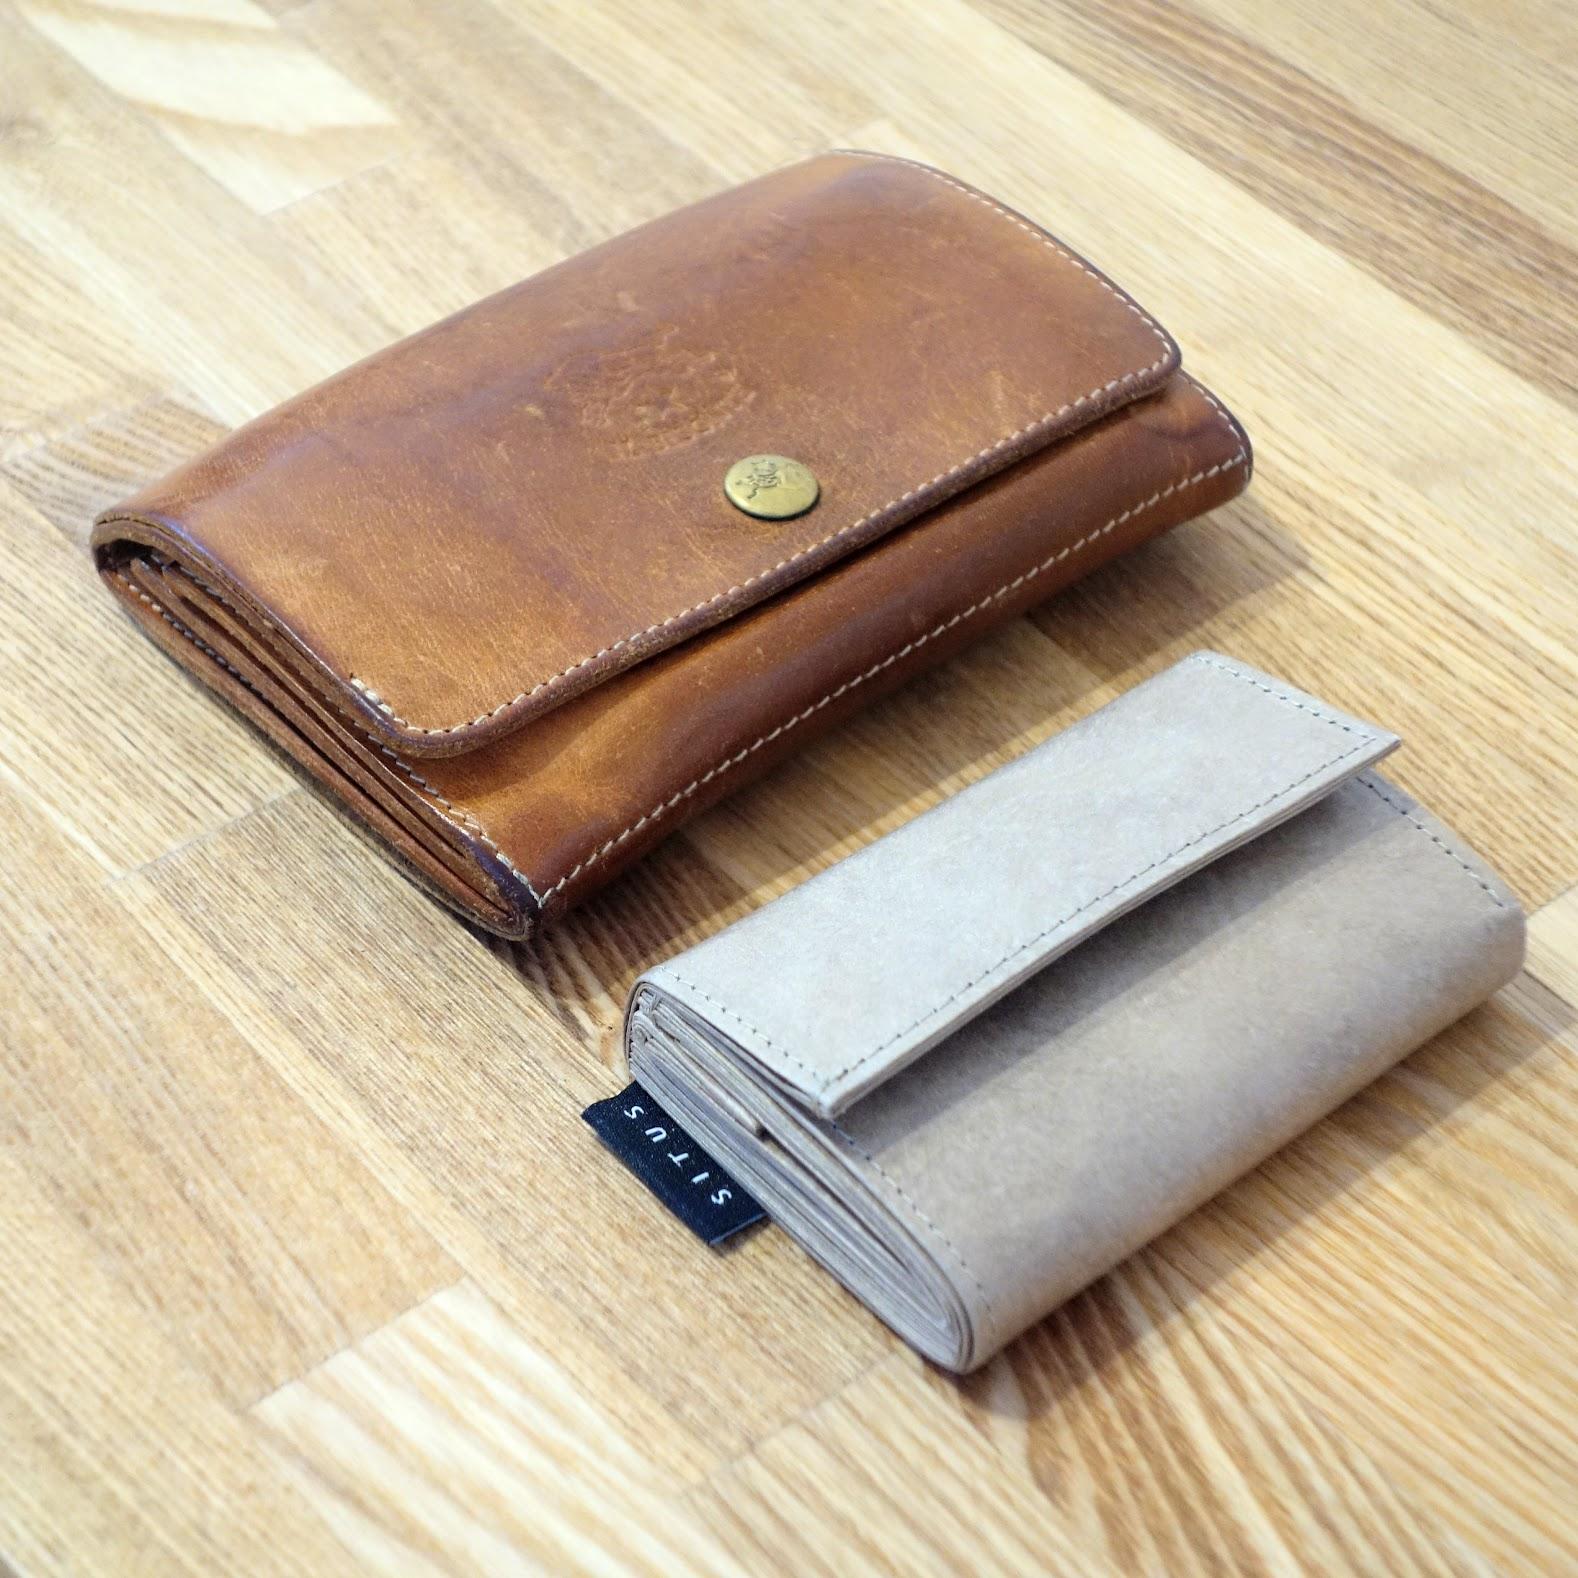 SITUS ミニマリストウォレット イルビゾンテの財布と比較